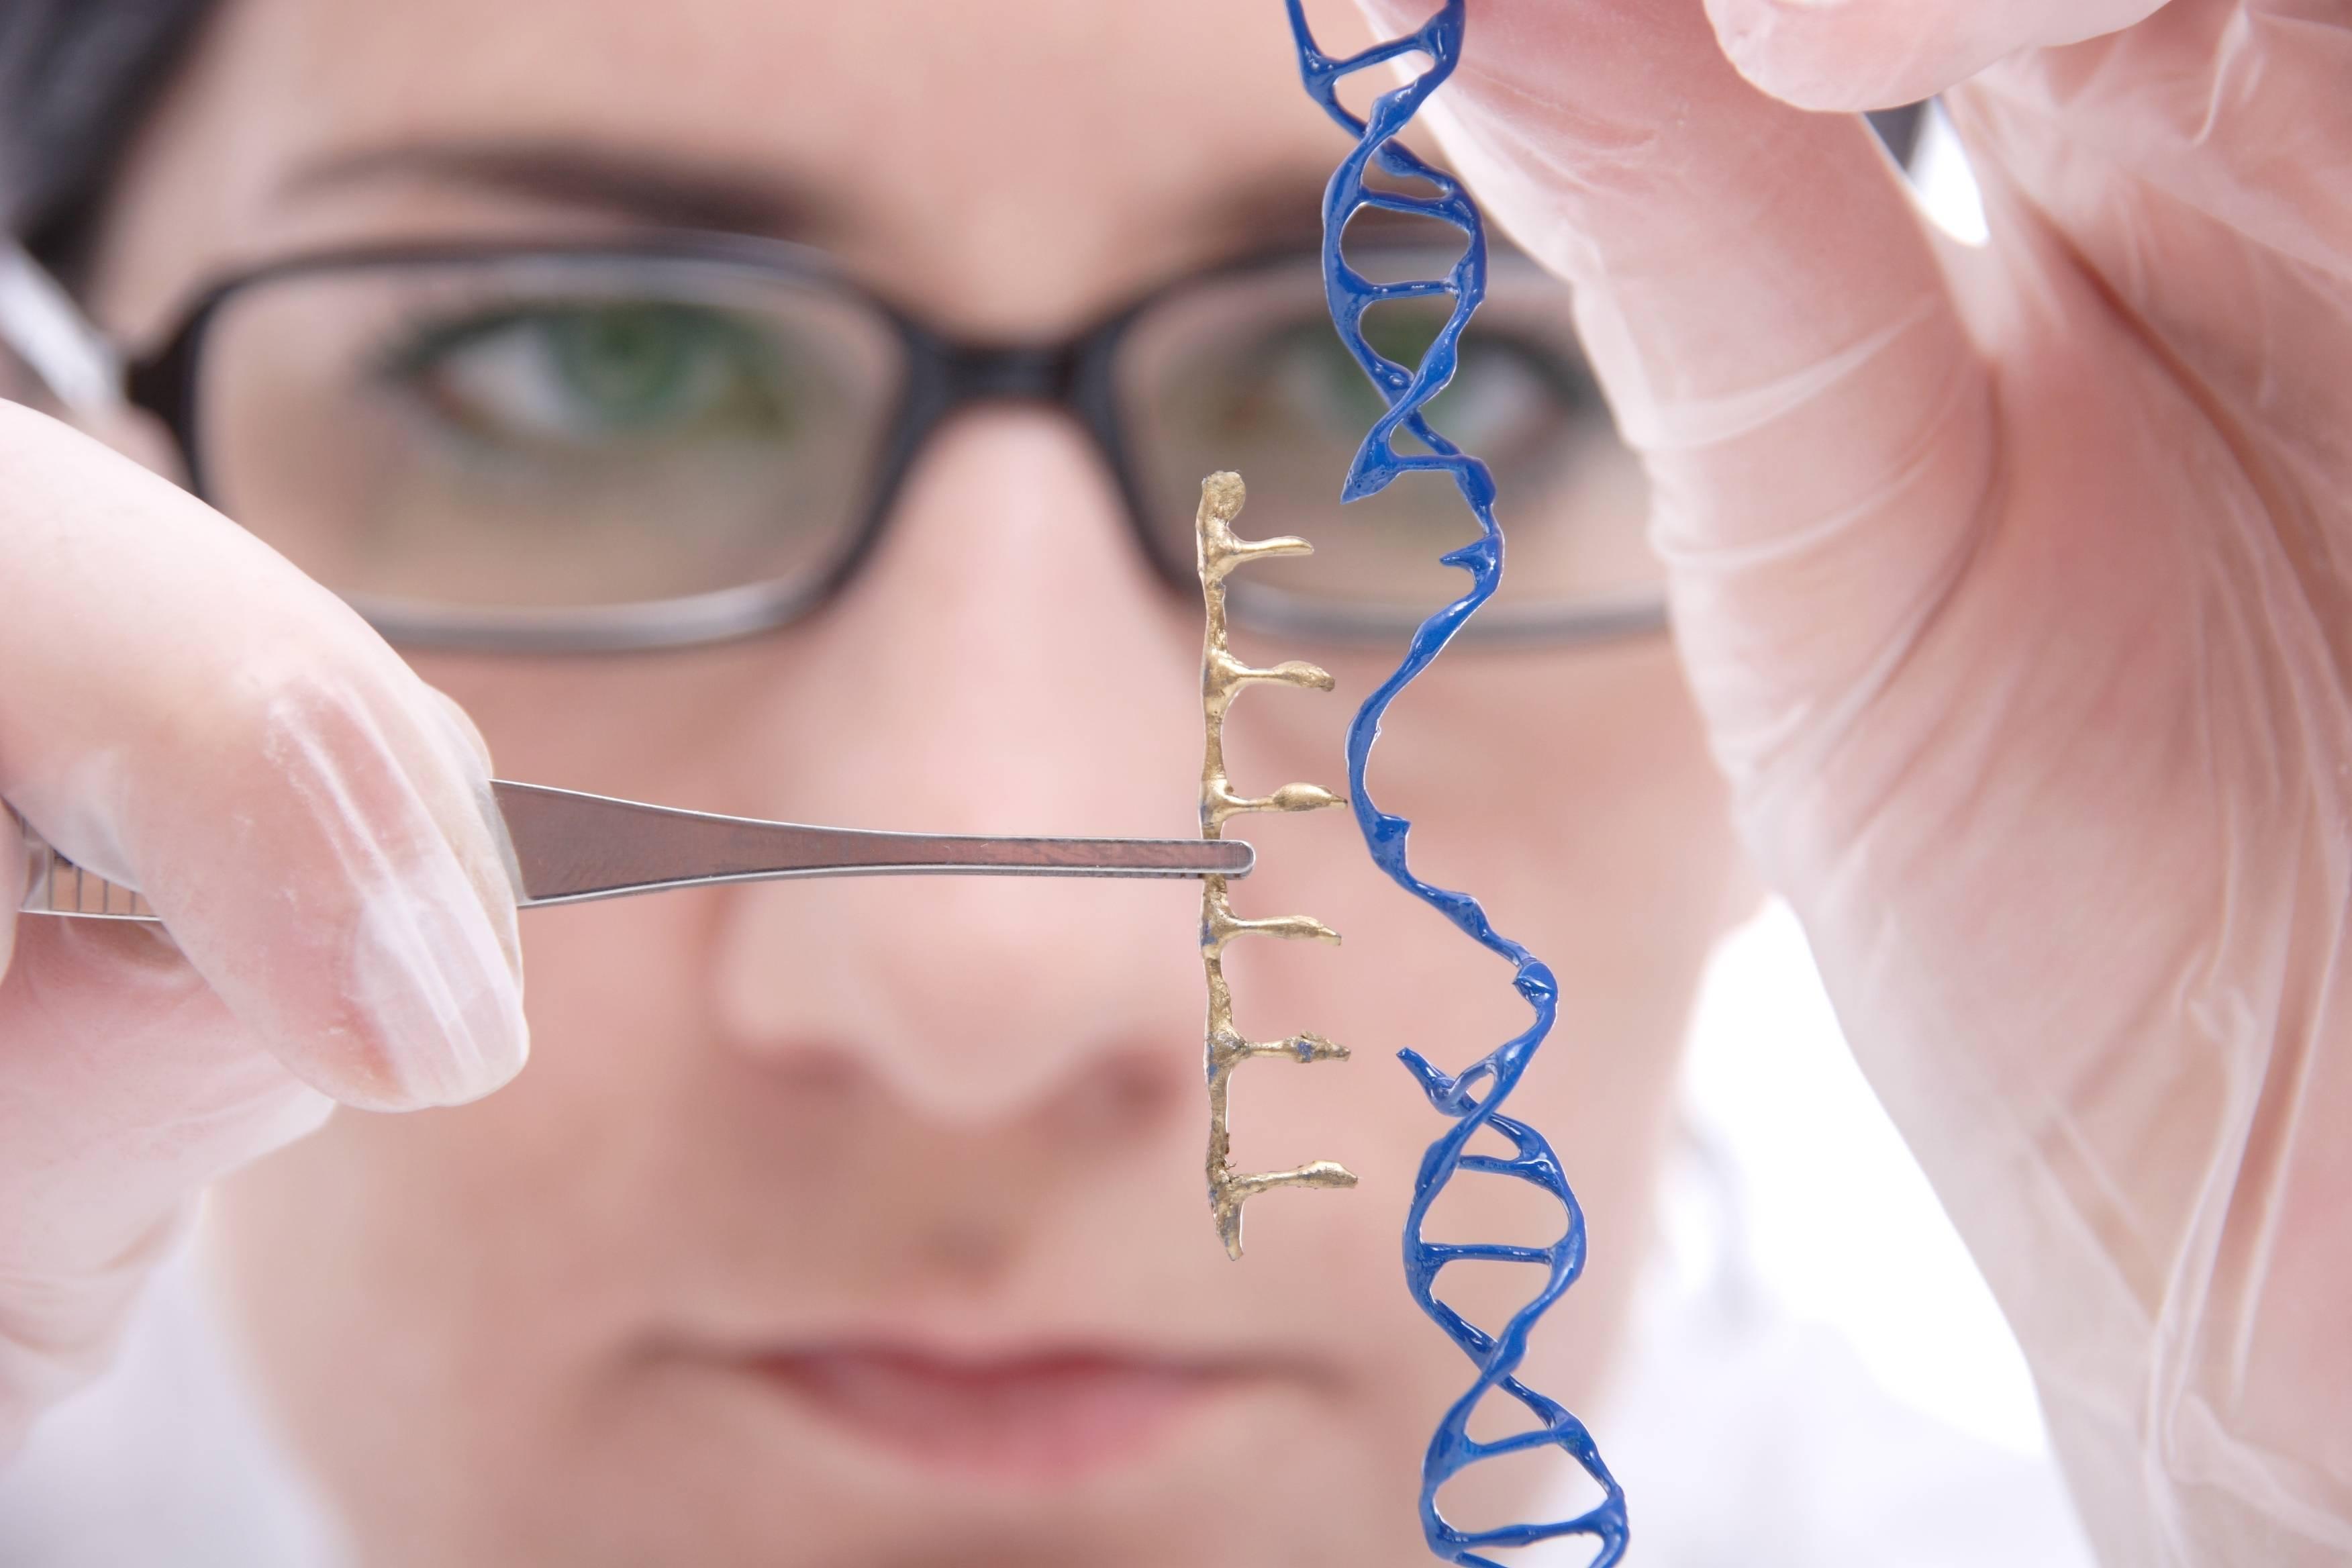 Метод редактирования генома позволяет себе много лишнего